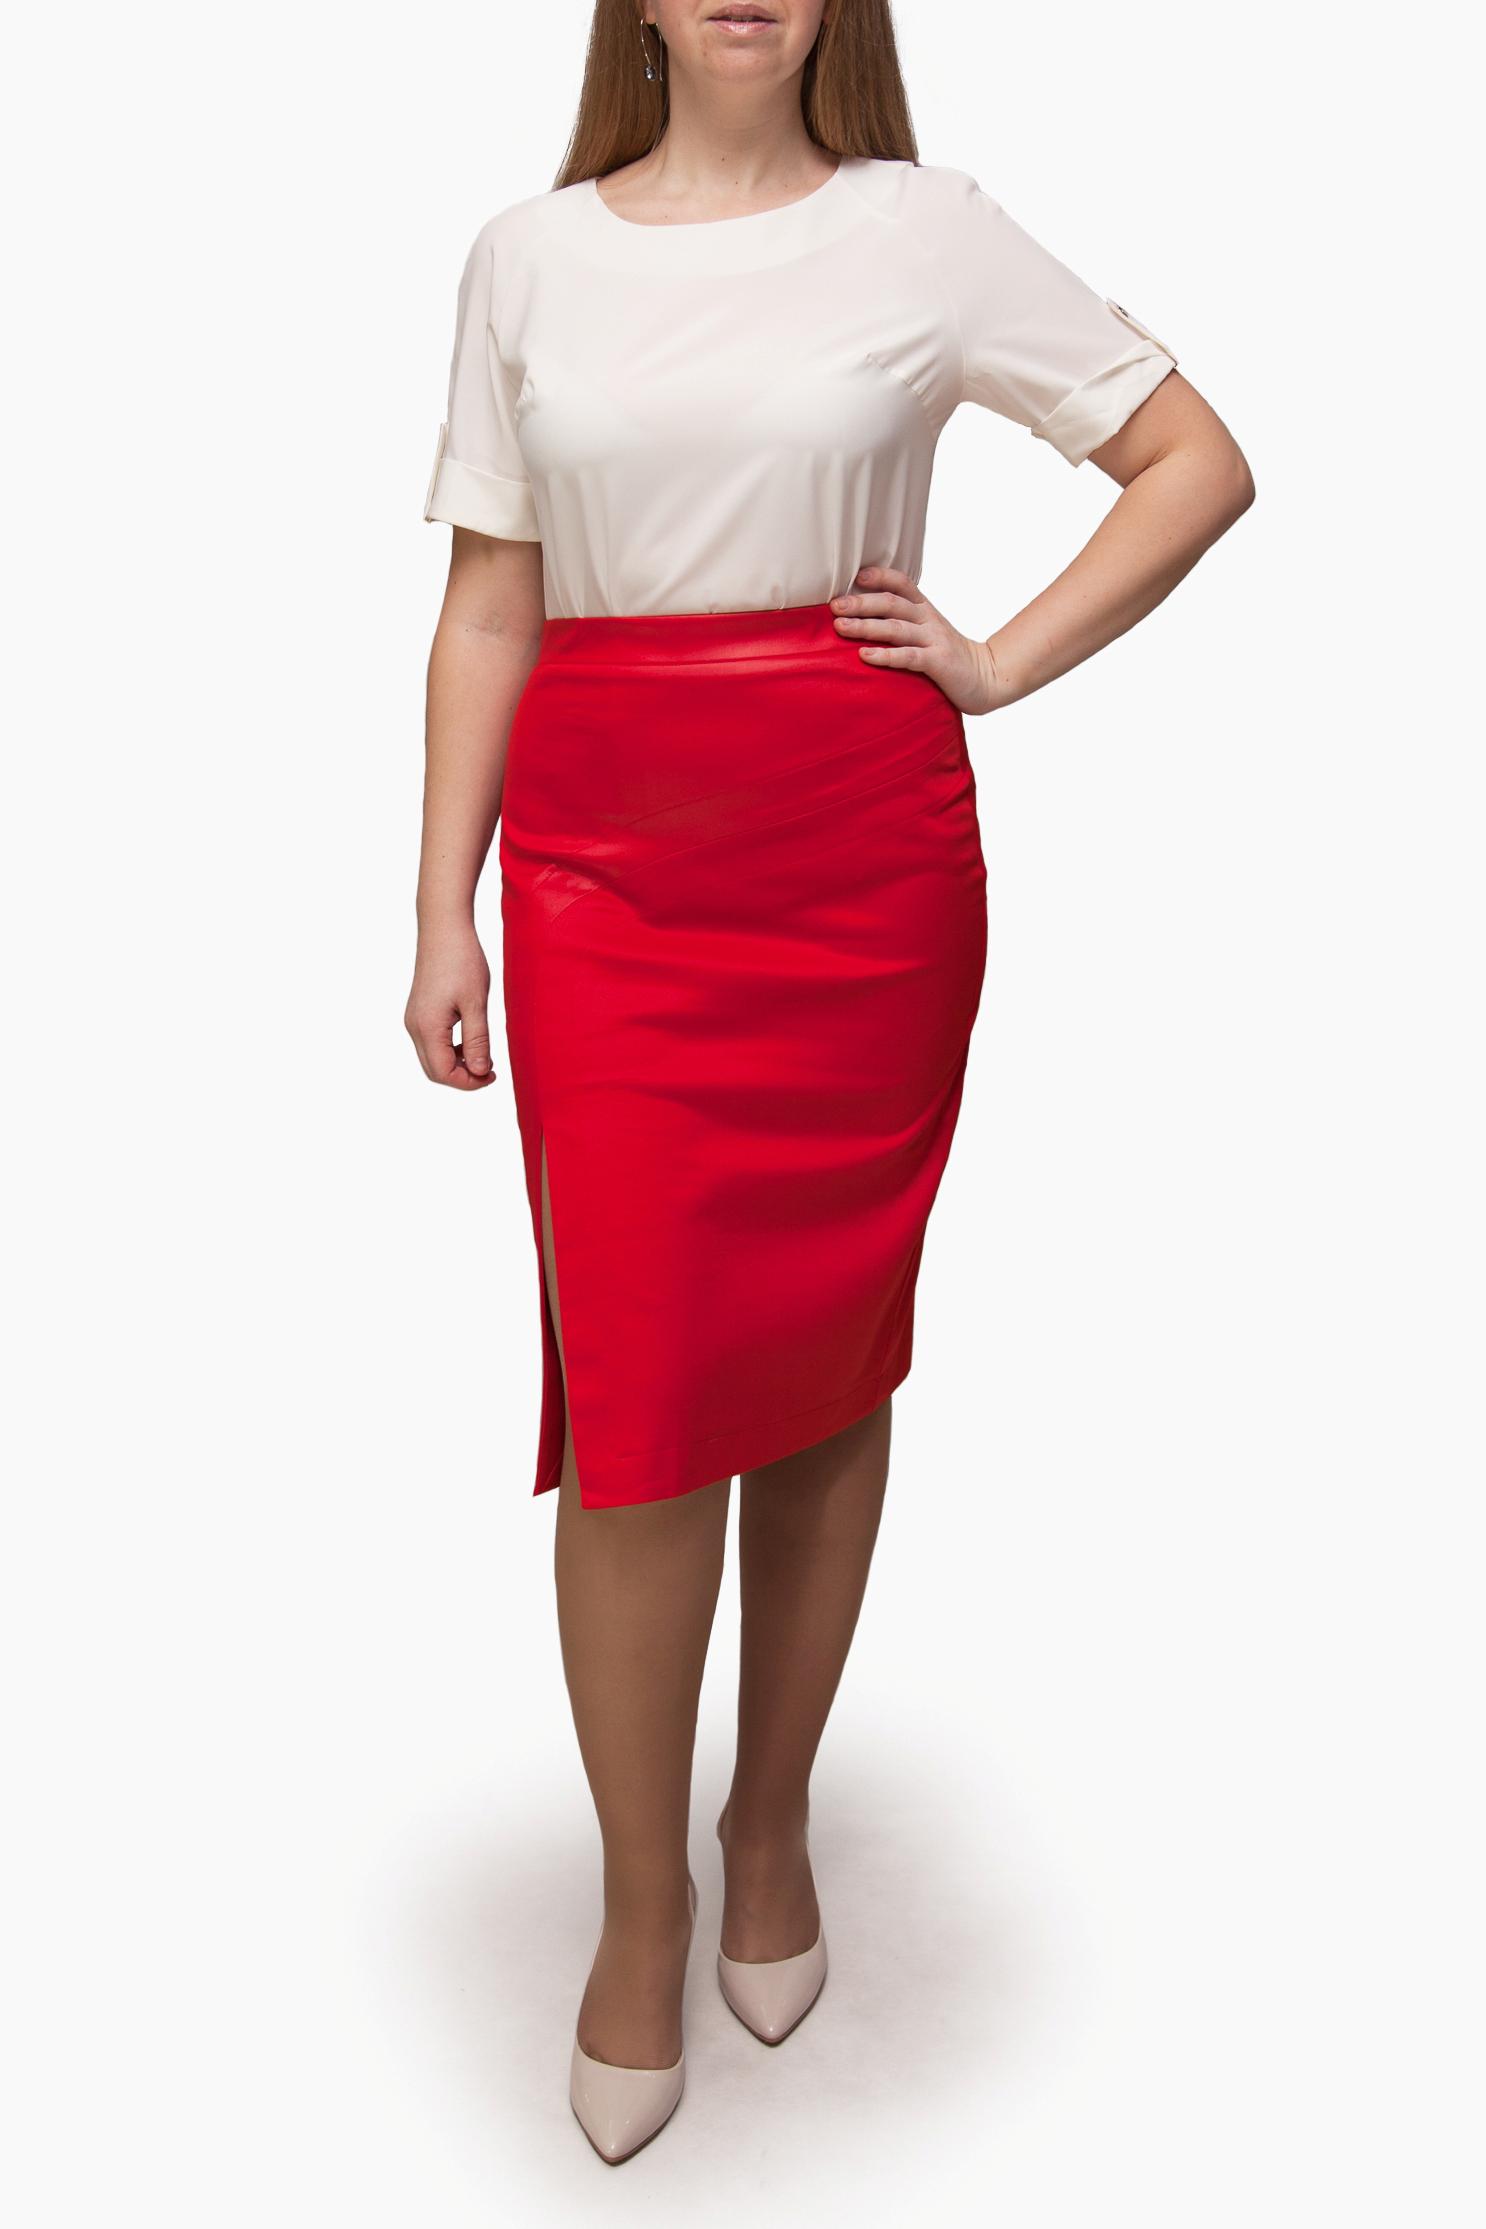 ЮбкаЮбки<br>Однотонная юбка длиной ниже колена с завышенной талией. Модель выполнена из приятного материала. Отличный выбор для повседневного гардероба.  Изделие маломерит на 1 размер.  В изделии использованы цвета: красный  Ростовка изделия 170 см.<br><br>По длине: Ниже колена<br>По материалу: Трикотаж<br>По рисунку: Однотонные<br>По сезону: Весна,Зима,Лето,Осень,Всесезон<br>По силуэту: Приталенные<br>По стилю: Повседневный стиль<br>По форме: Юбка-карандаш<br>По элементам: С завышенной талией,С разрезом<br>Разрез: Короткий<br>Размер : 44,46,48,50<br>Материал: Трикотаж<br>Количество в наличии: 8